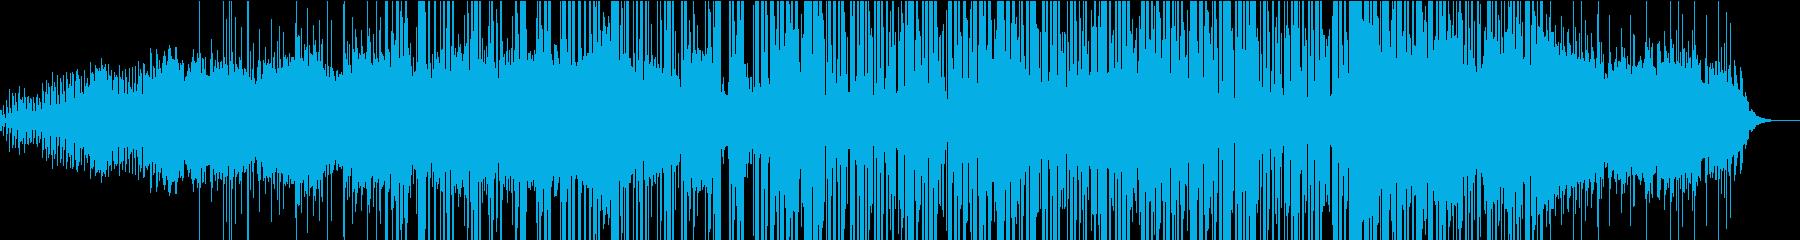 実験的な バトル 焦り 緊張感 燃...の再生済みの波形